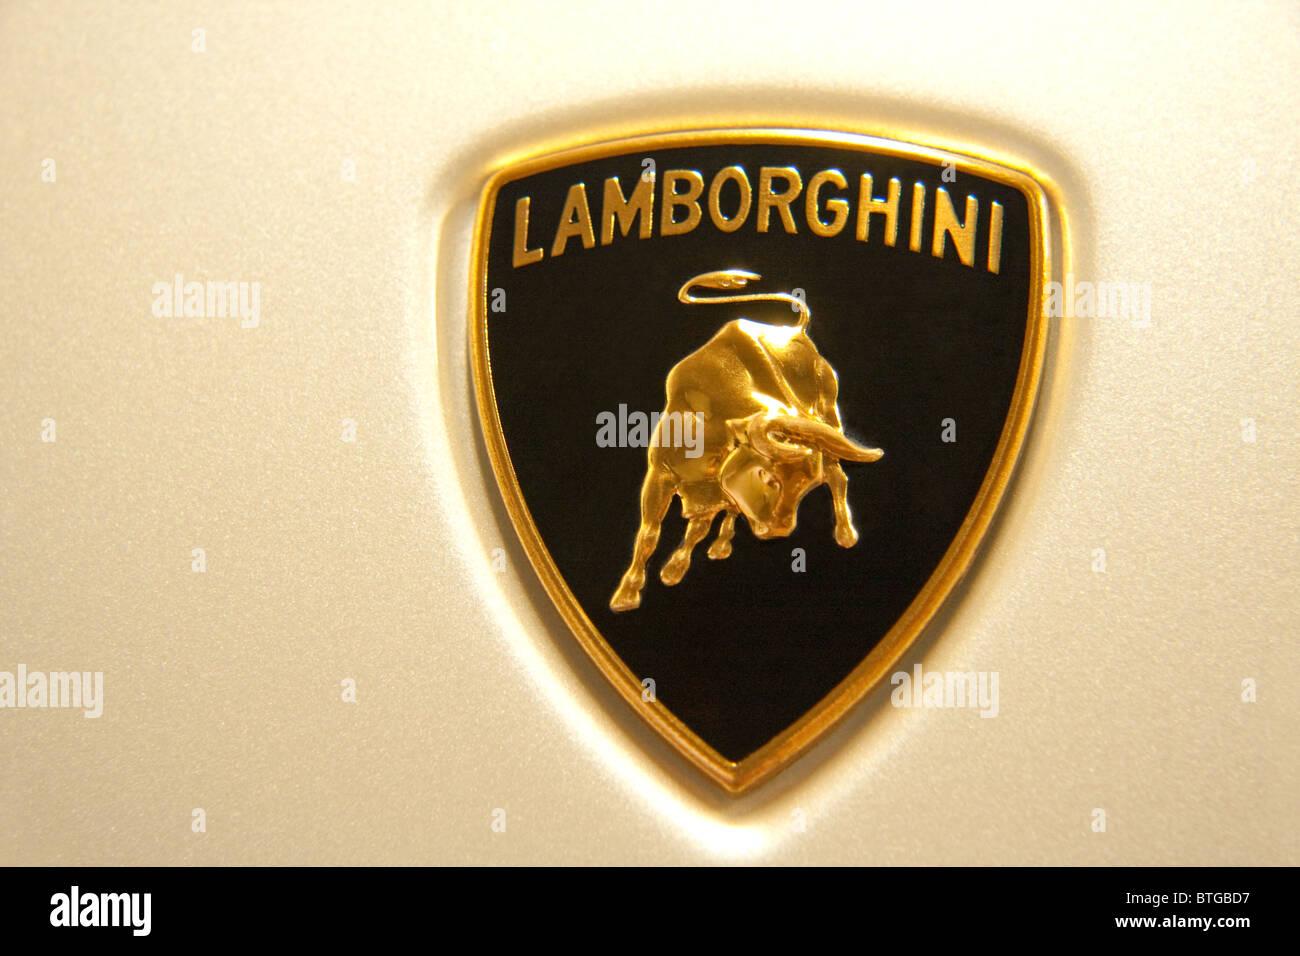 Lamborghini's emblem - Stock Image